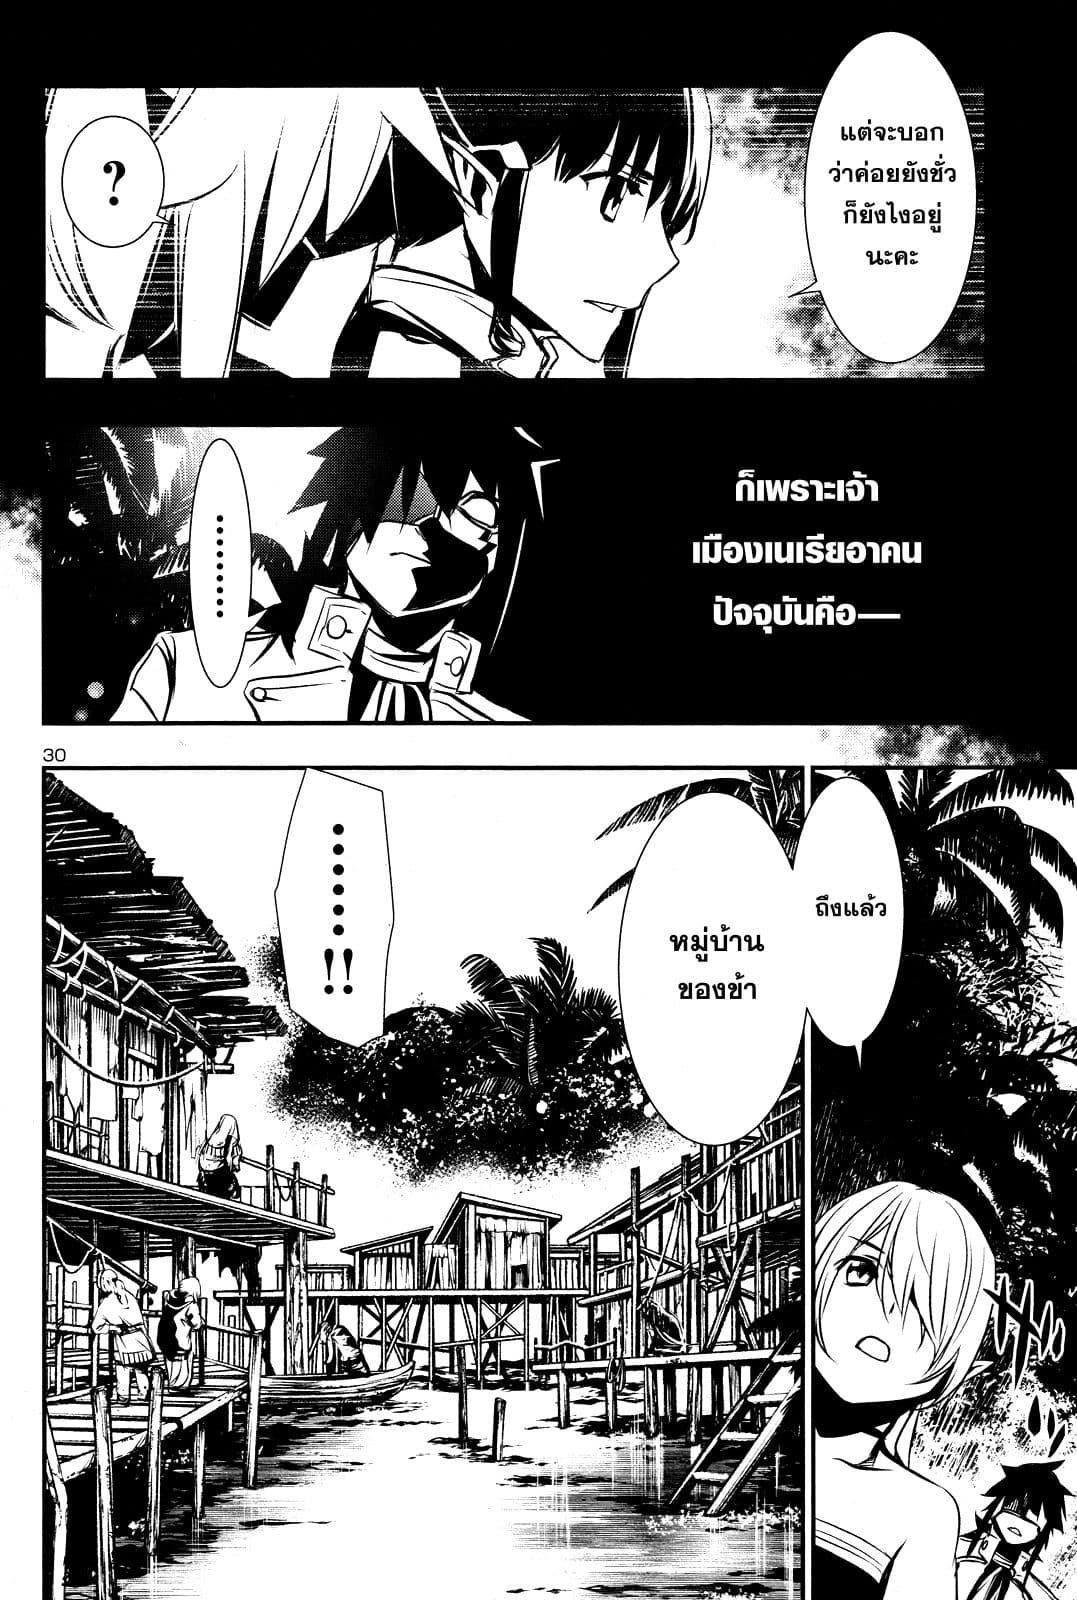 อ่านการ์ตูน Shinju no Nectar ตอนที่ 14 หน้าที่ 30